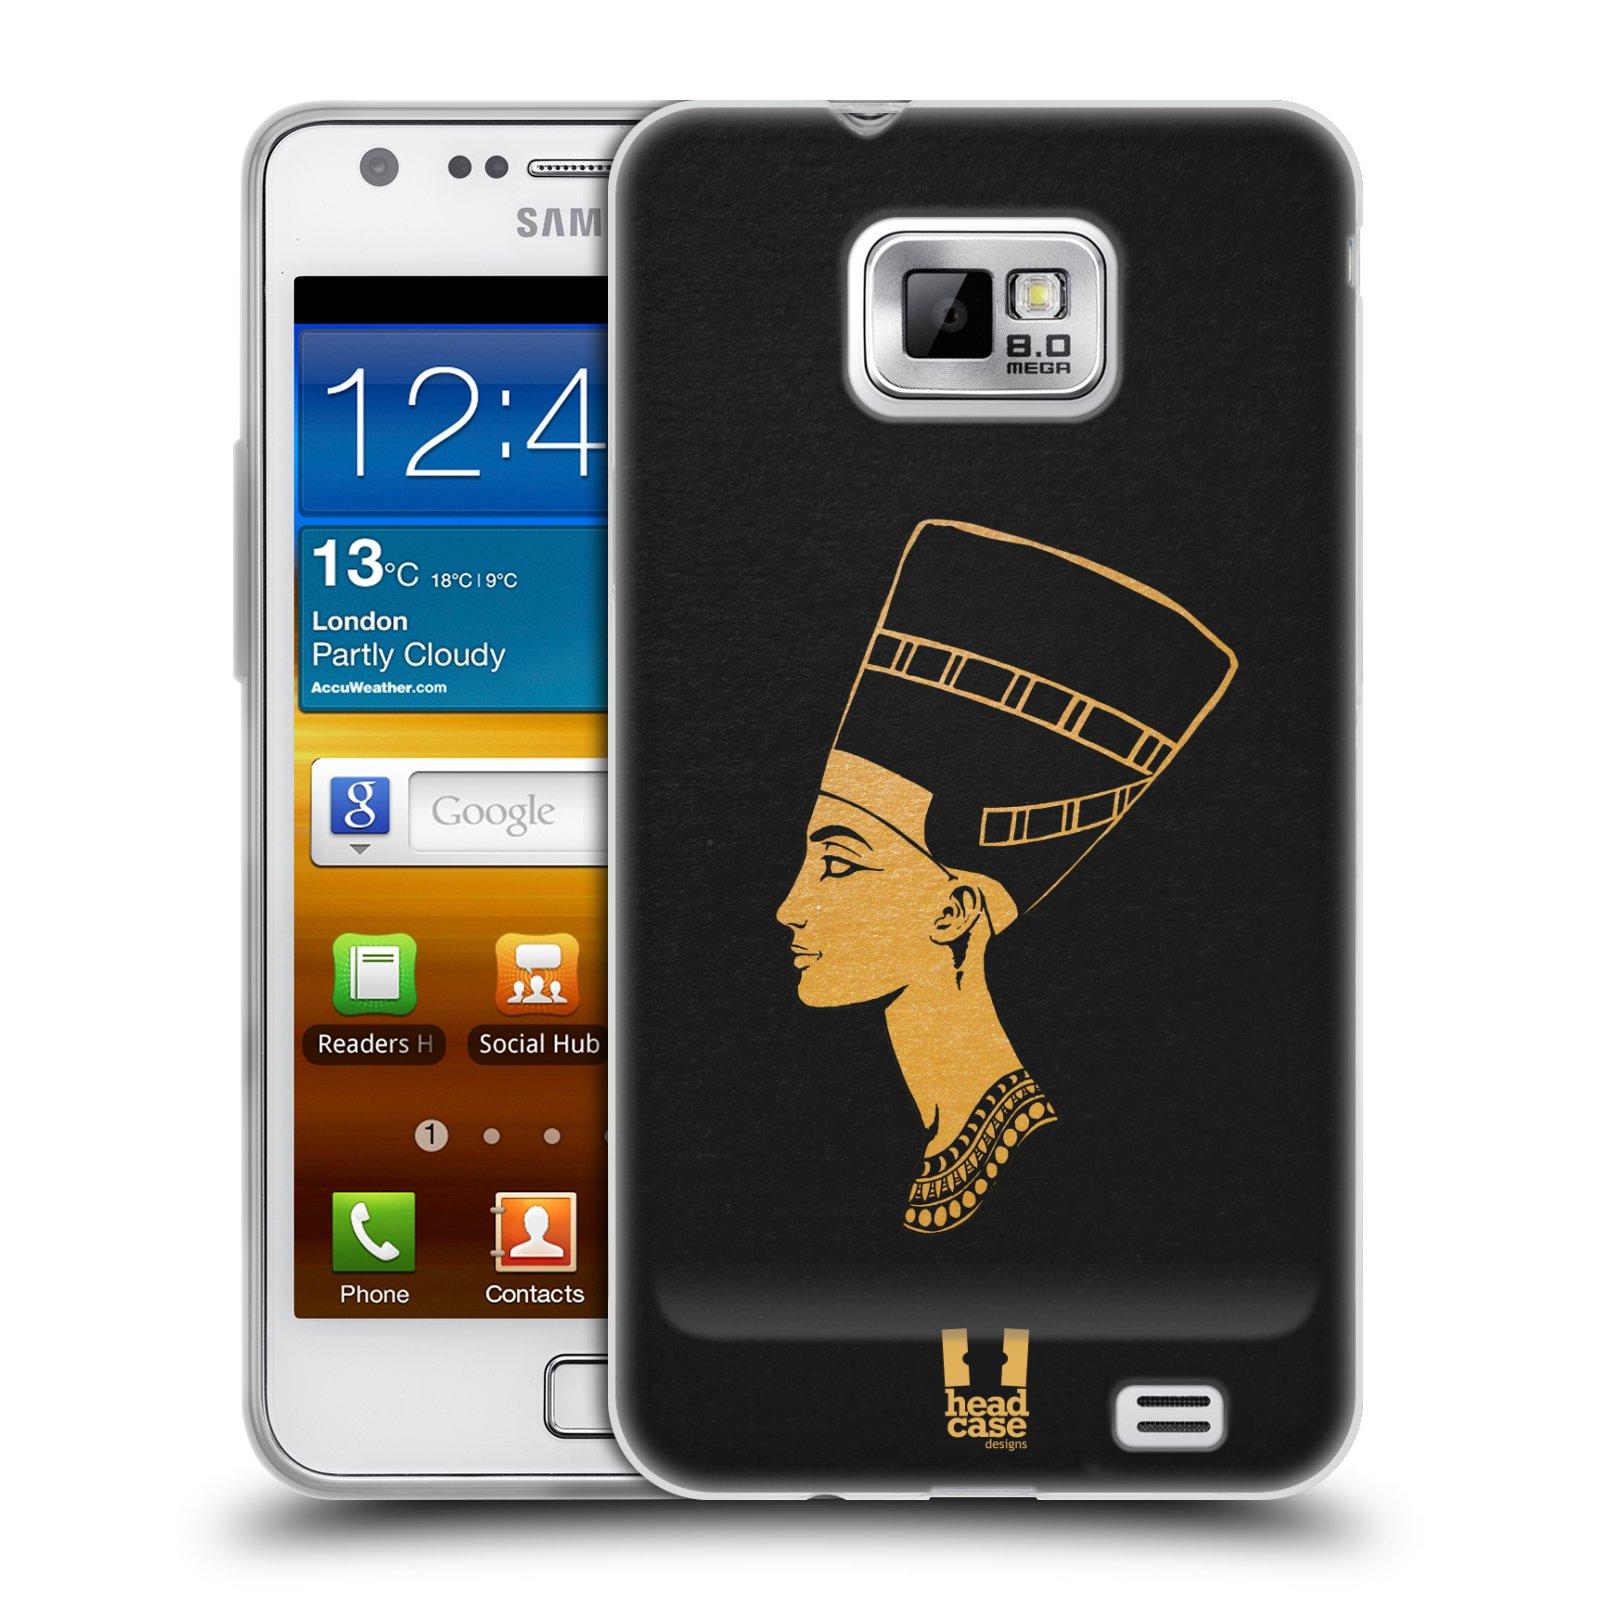 Silikonové pouzdro na mobil Samsung Galaxy S II HEAD CASE EGYPT NEFERTITI (Silikonový kryt či obal na mobilní telefon Samsung Galaxy S II GT-i9100)